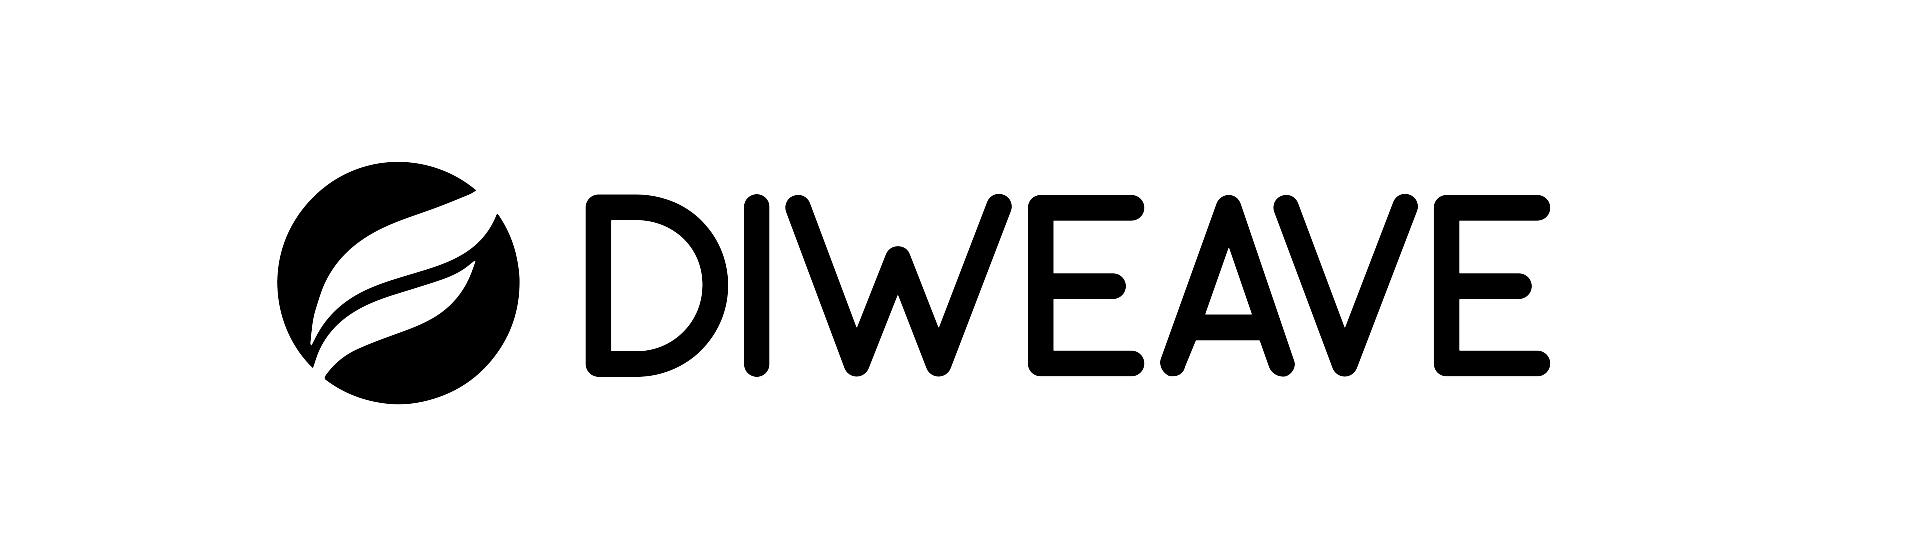 Diweave